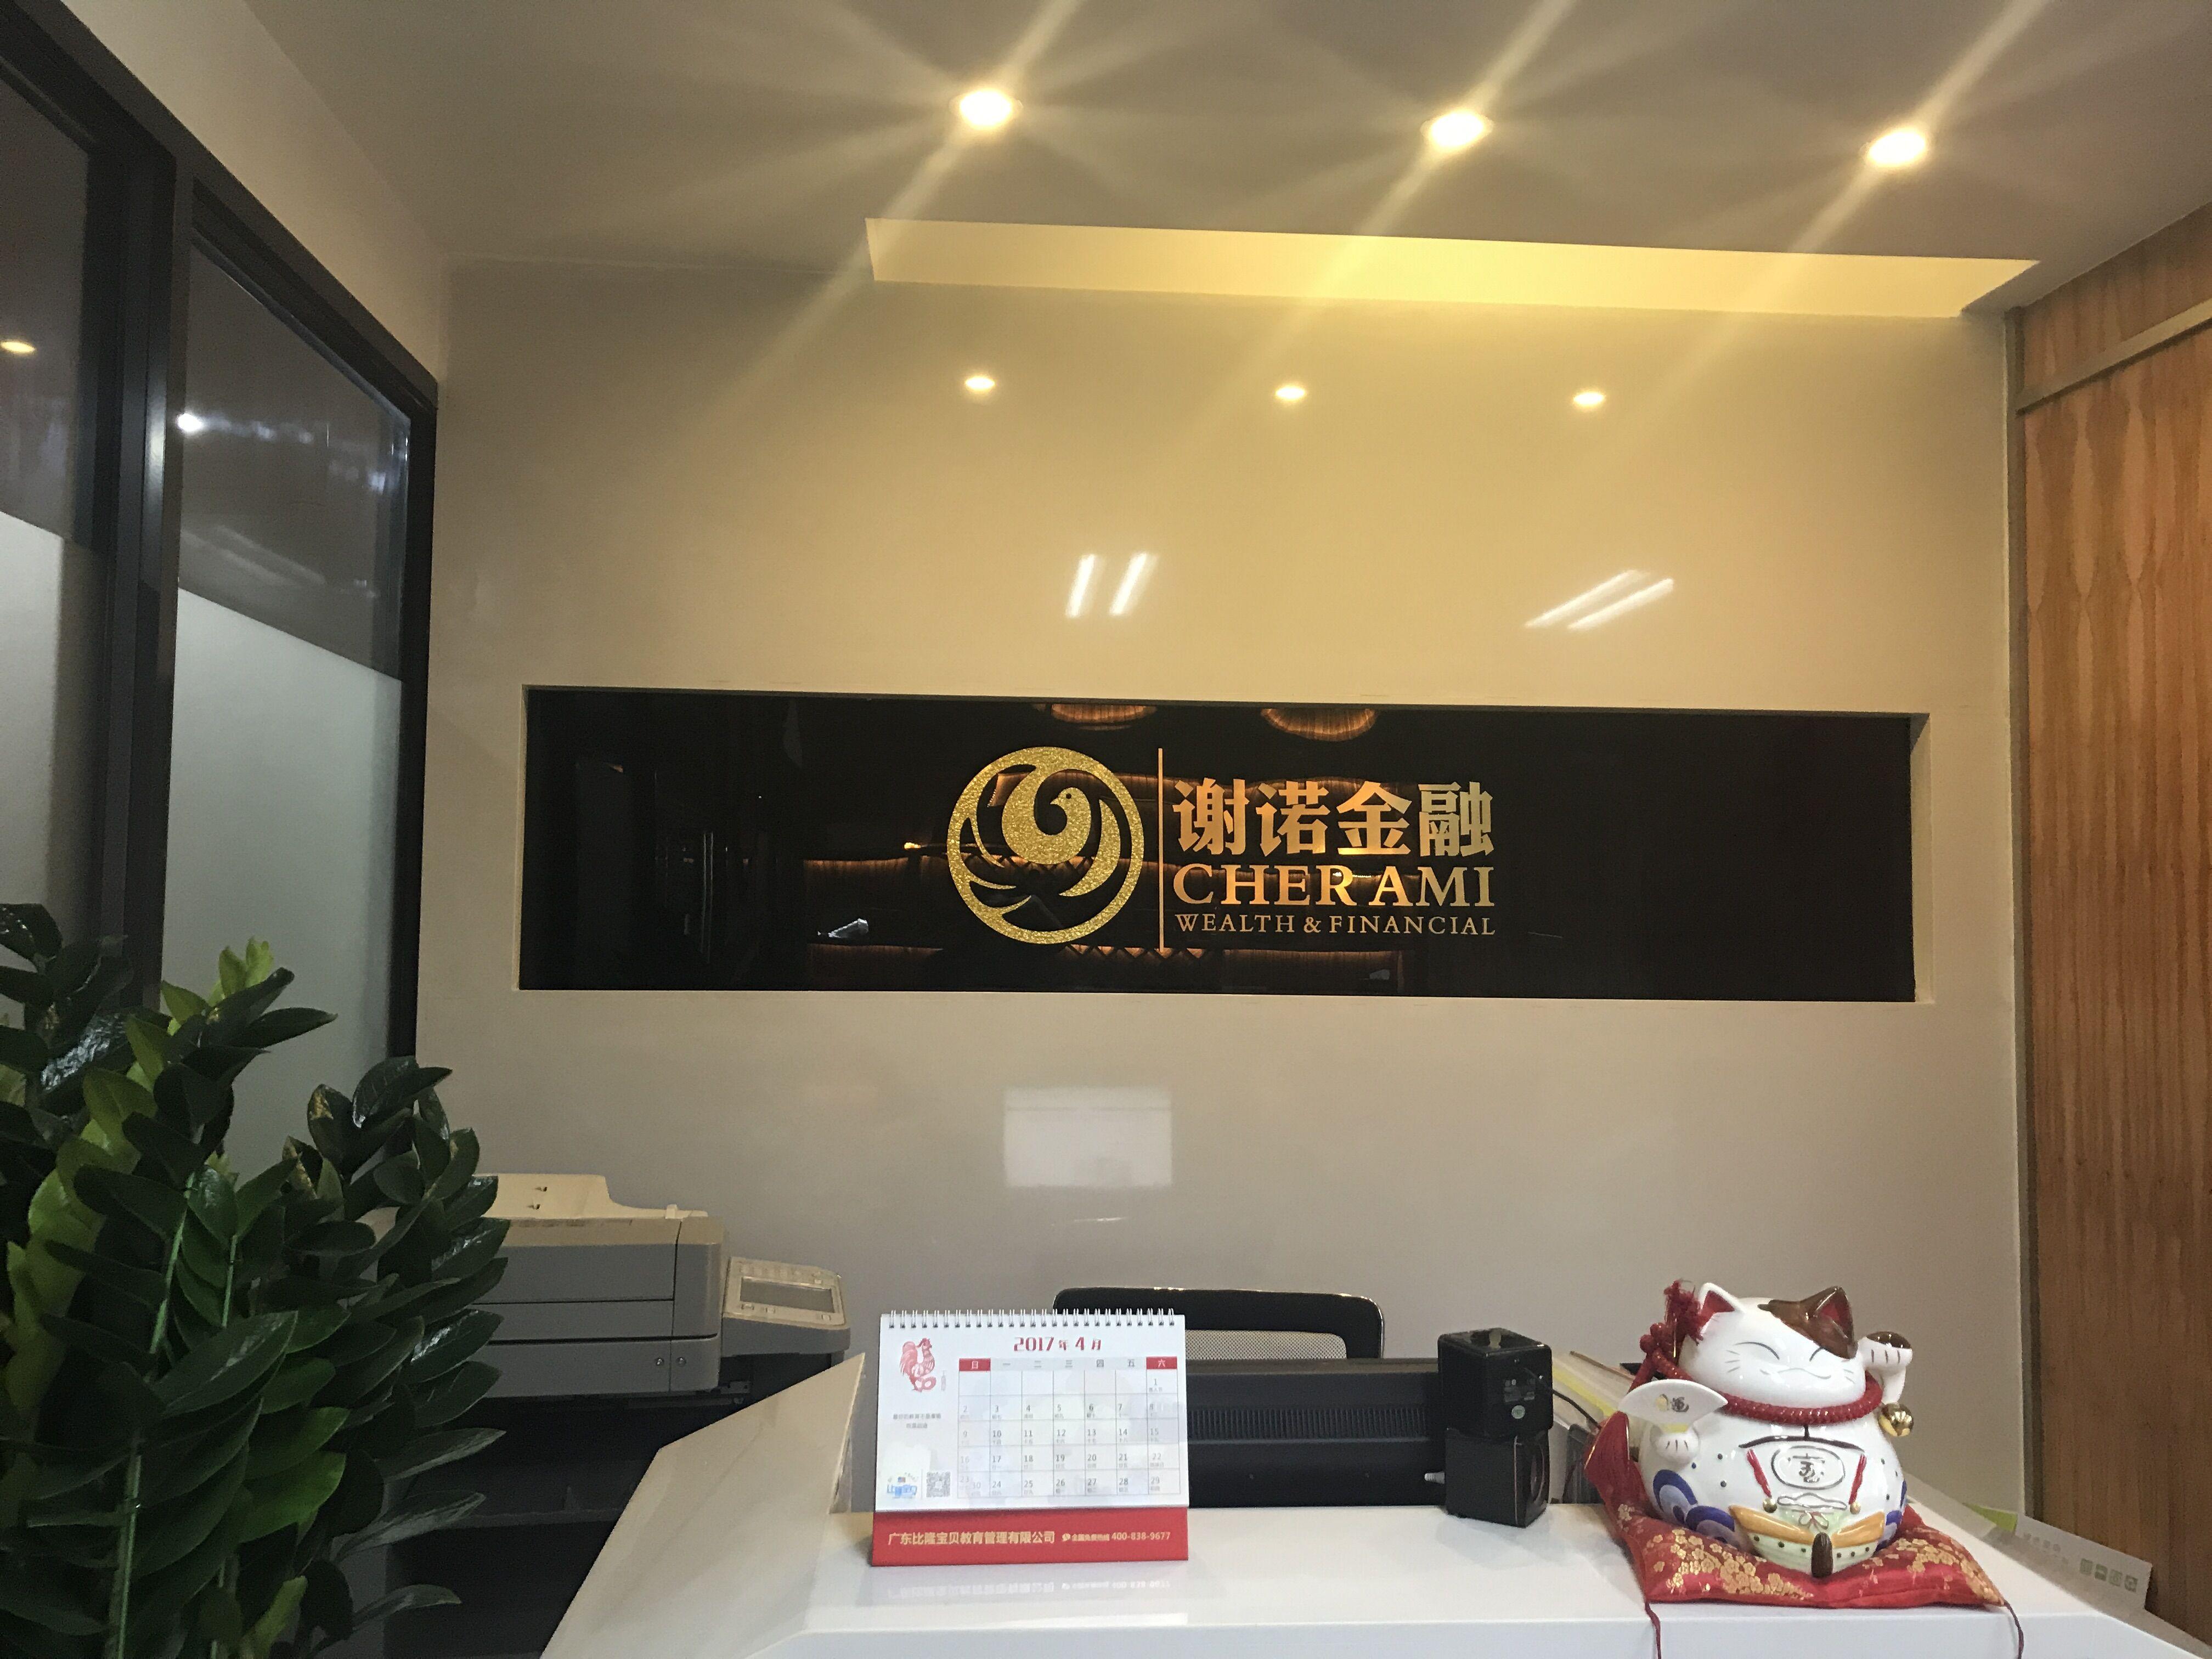 中山谢诺投资管理有限公司_才通国际人才网_job001.cn